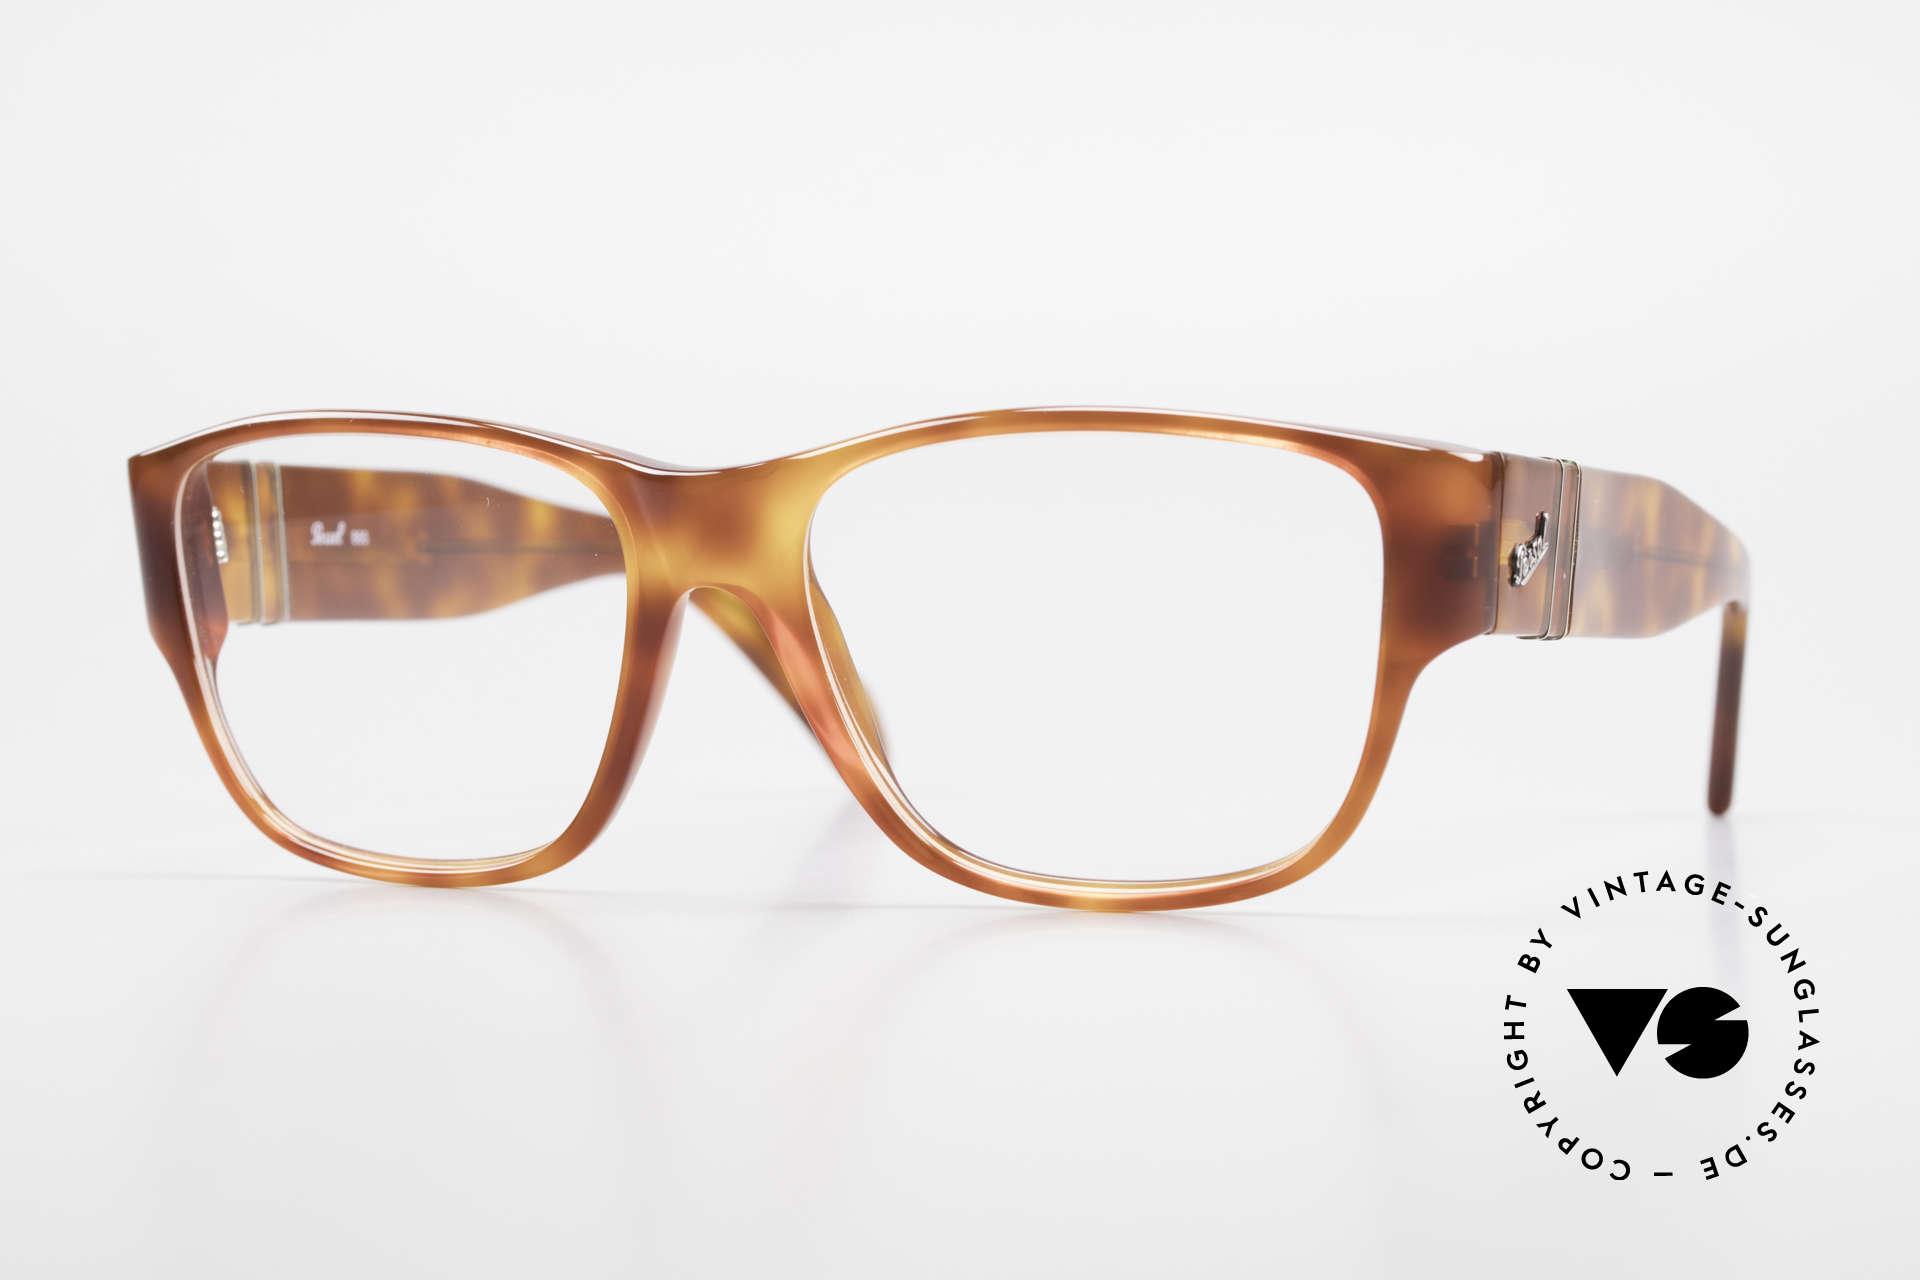 Persol 856 Markante Herren Vintage Brille, elegante vintage Persol Brillenfassung der 1990er, Passend für Herren